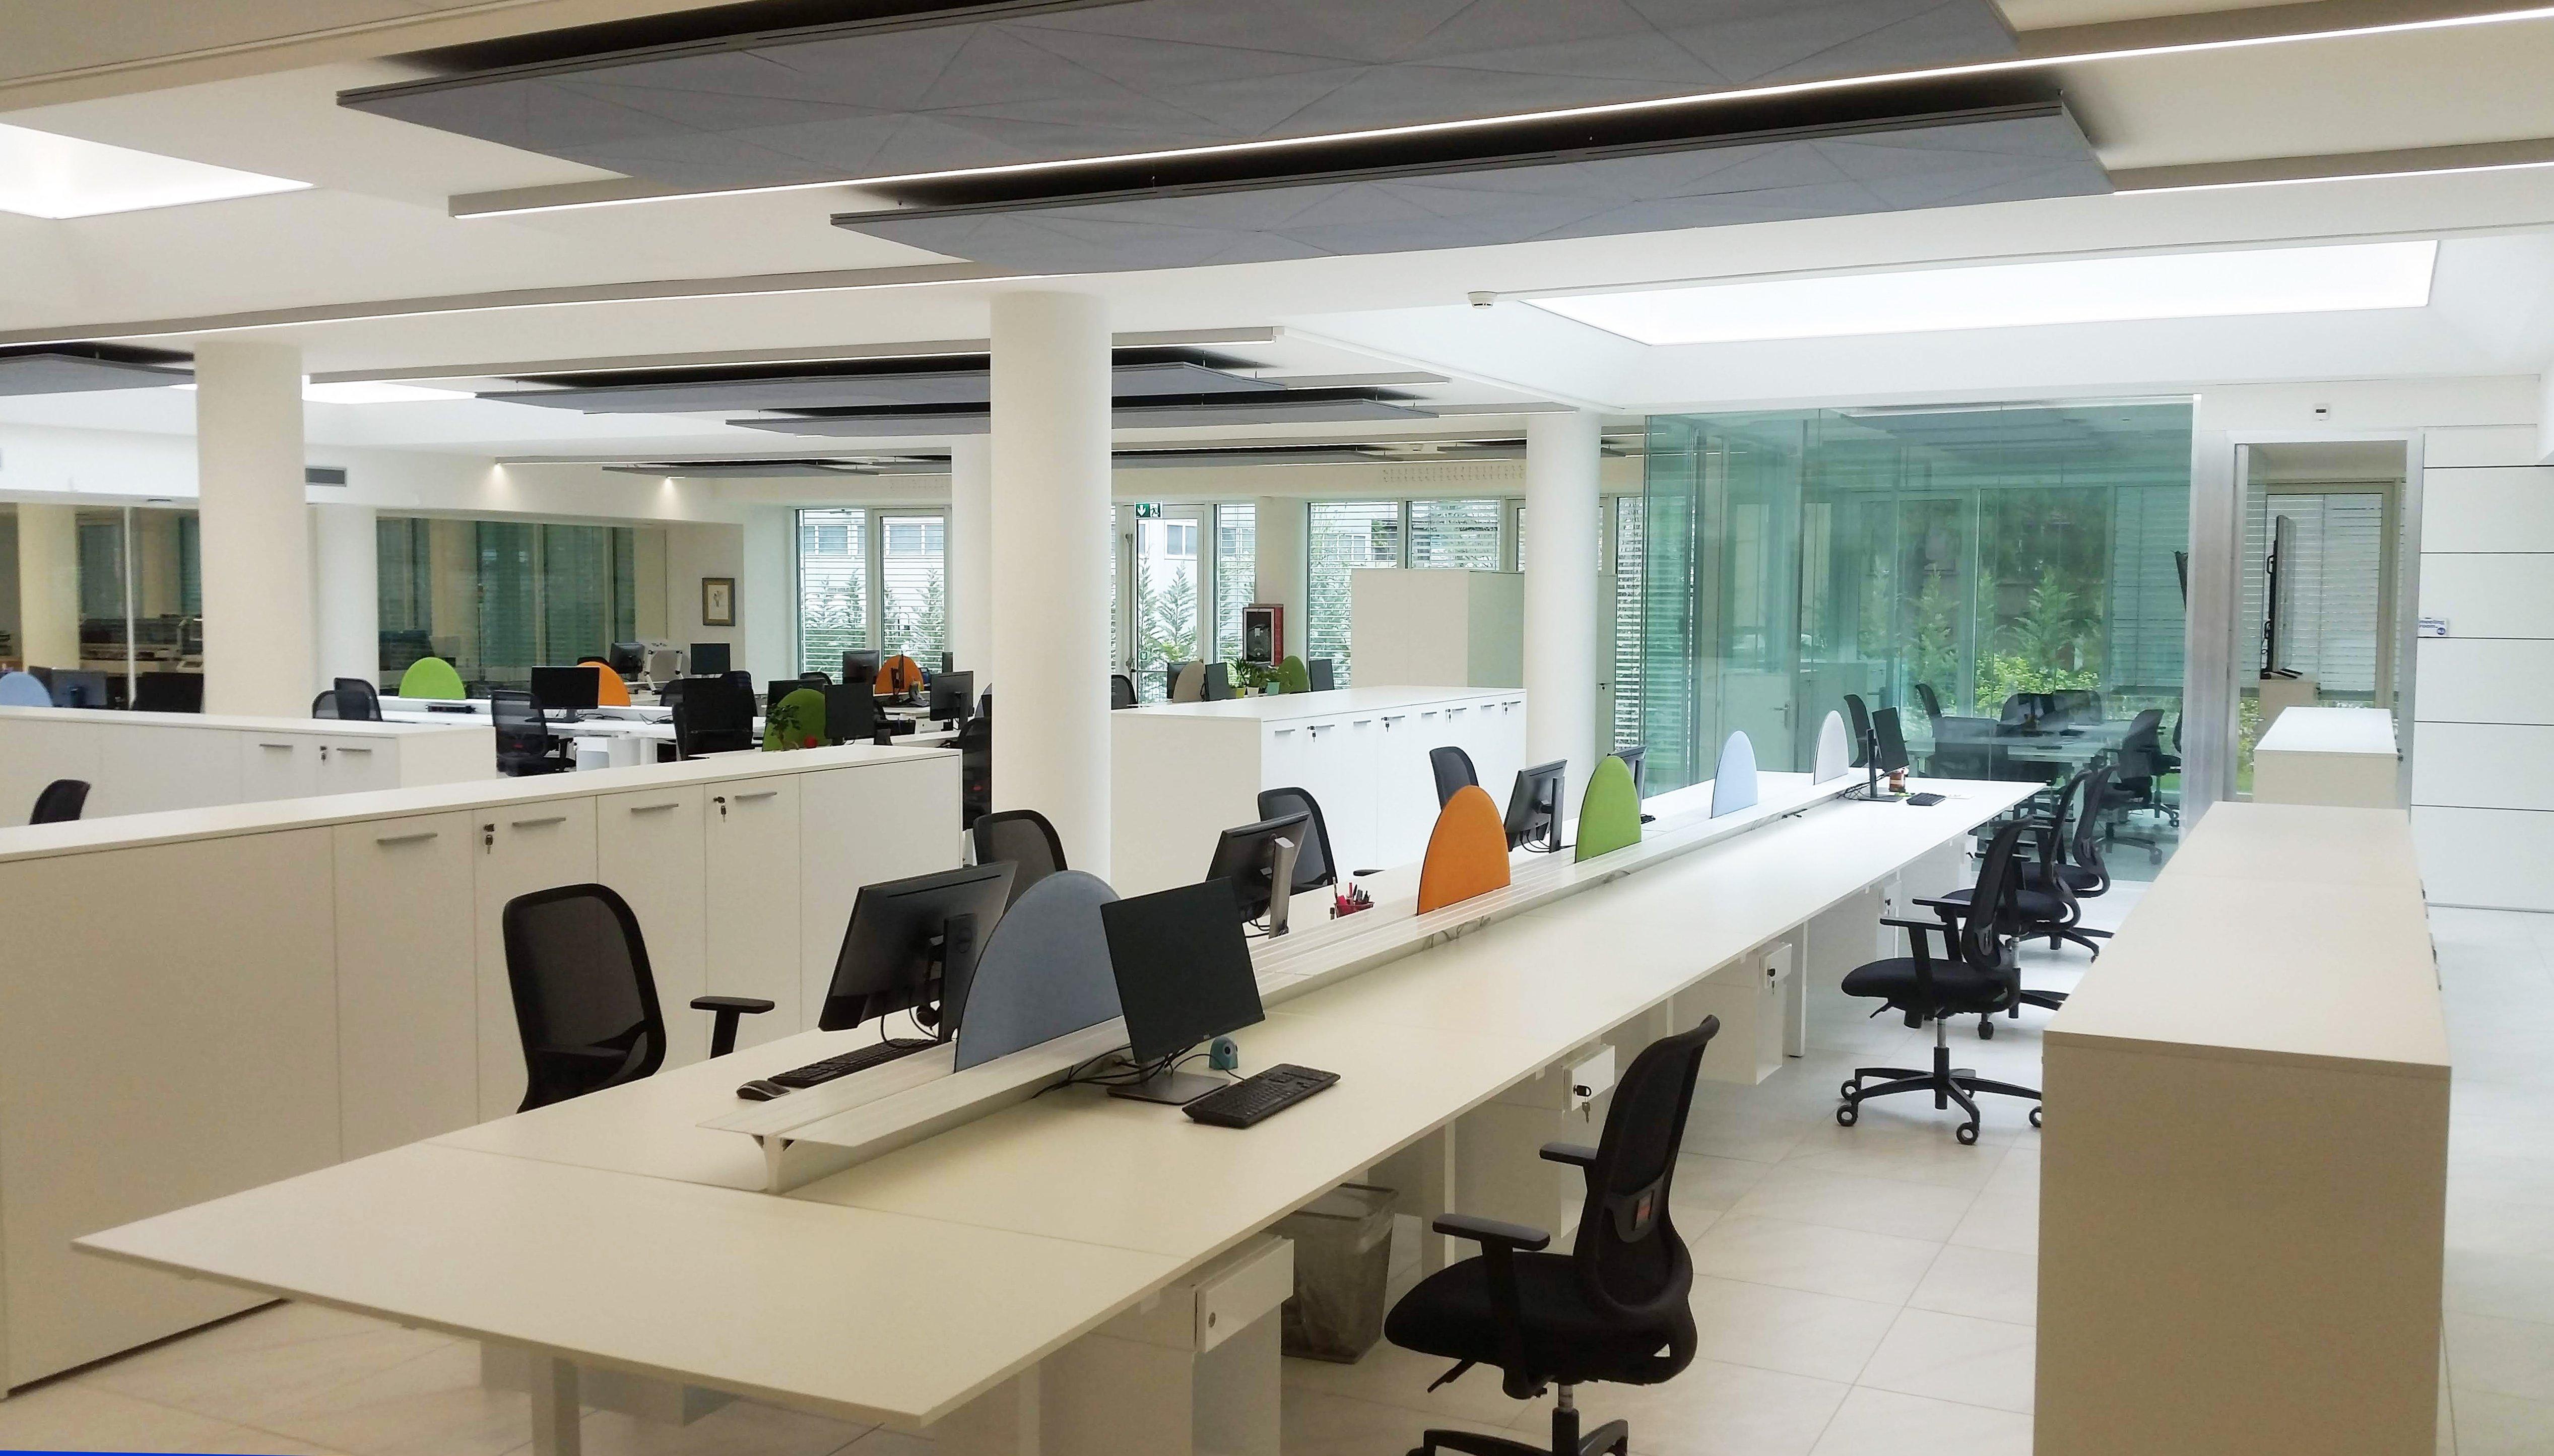 Mobili Per Ufficio Trieste.Arredamento Per Ufficio Friuli Venezia Giulia Mobili Per